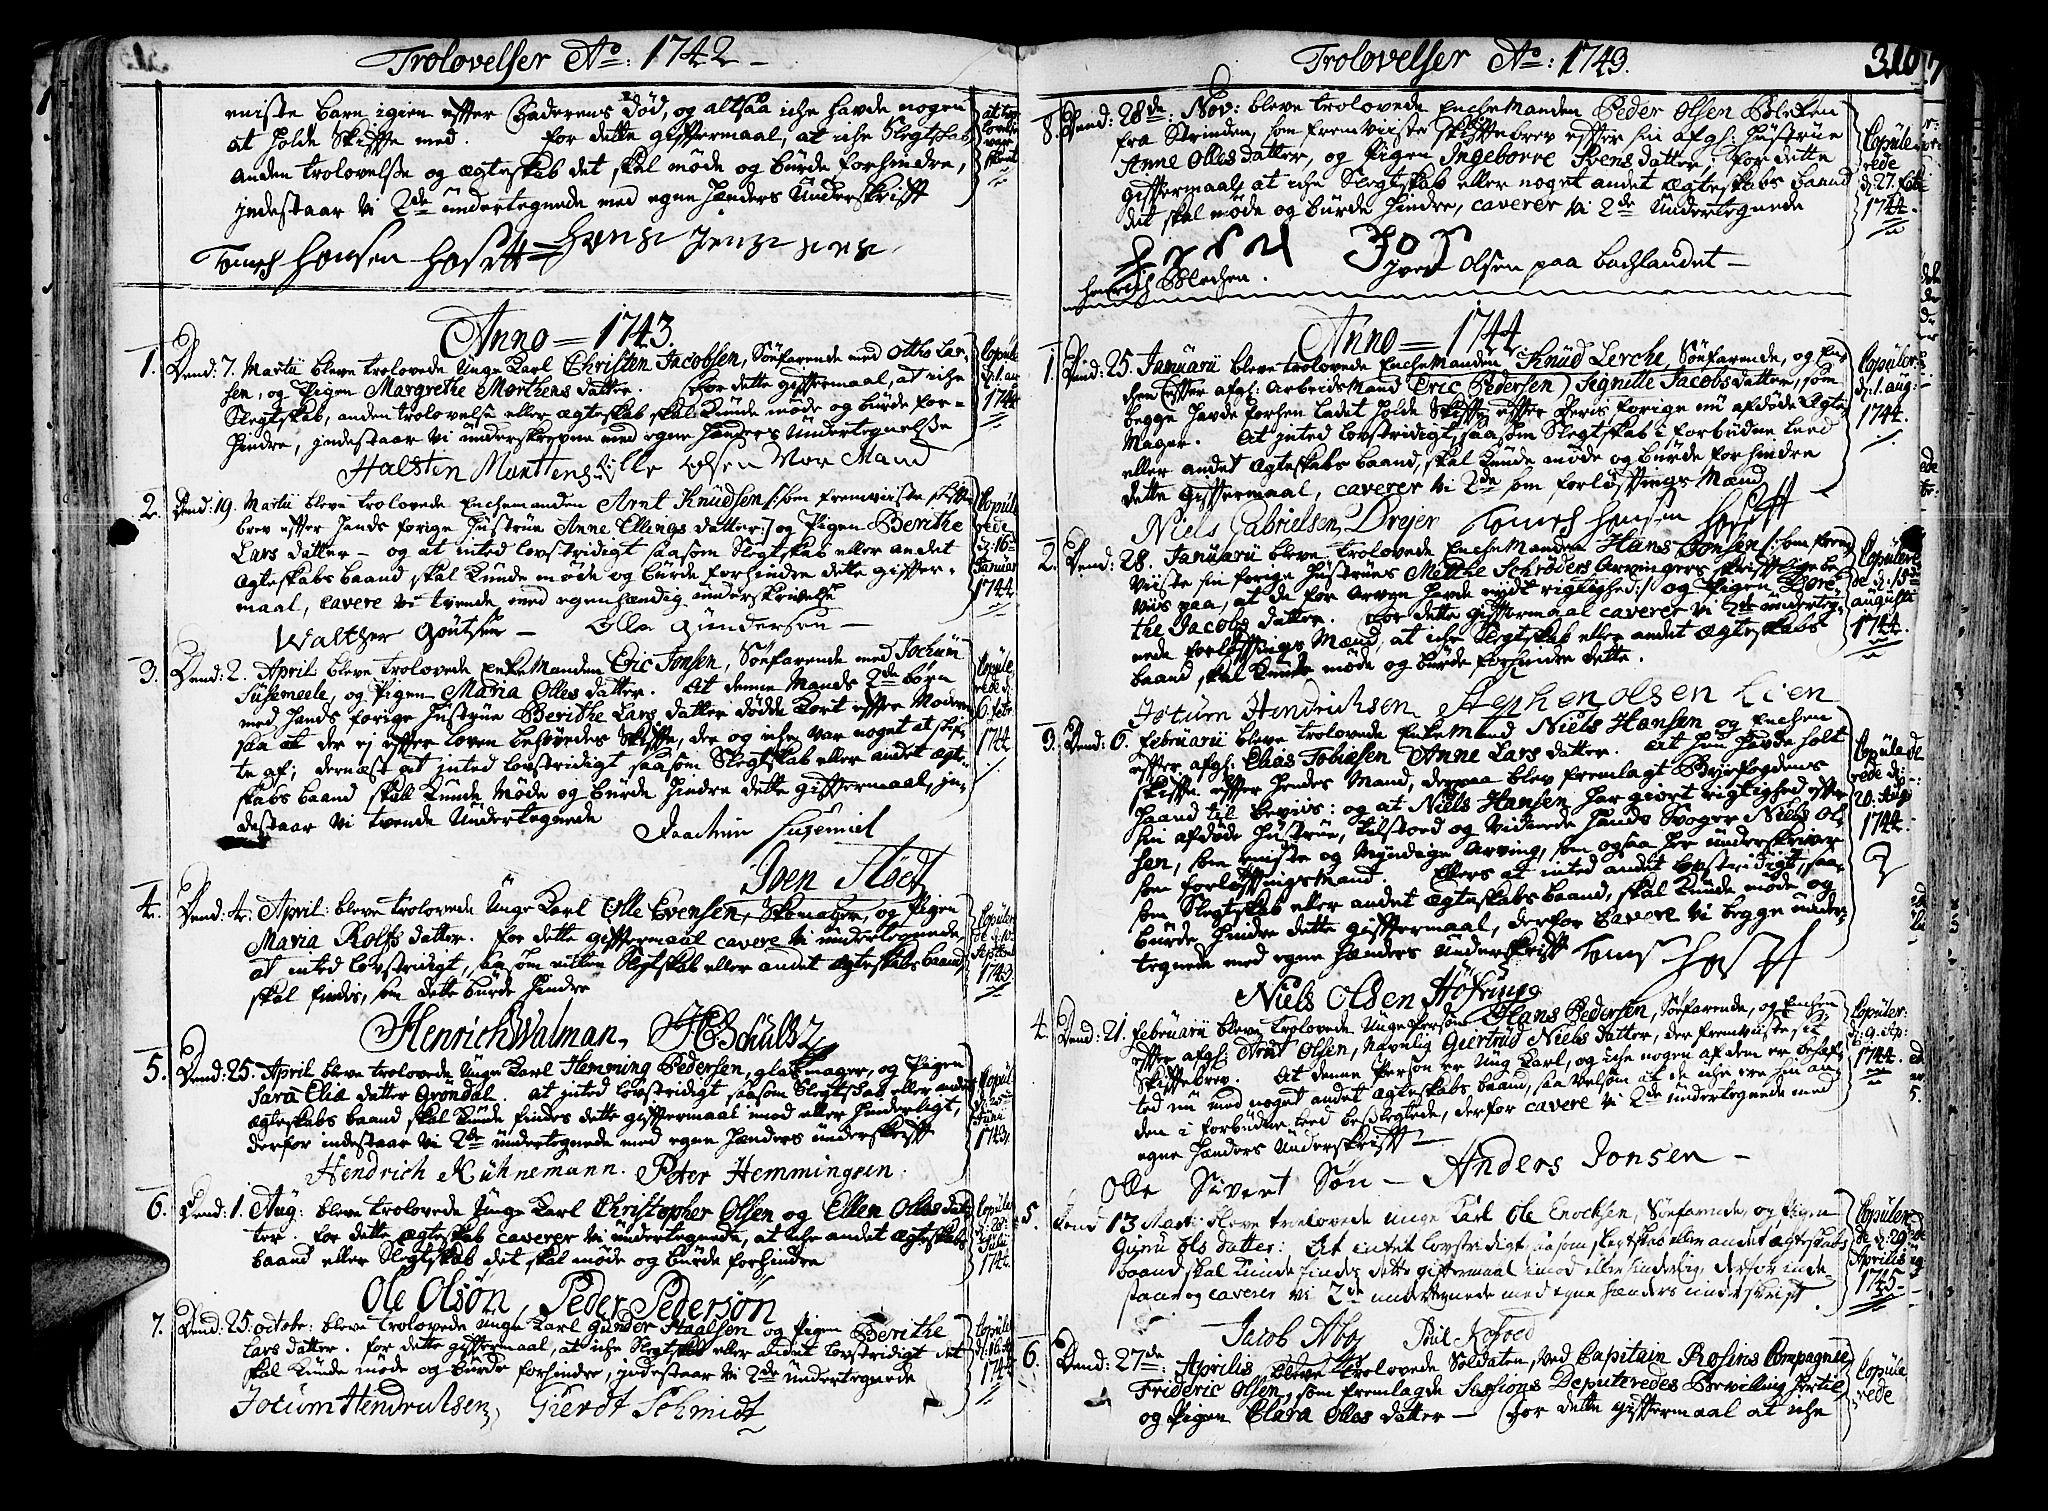 SAT, Ministerialprotokoller, klokkerbøker og fødselsregistre - Sør-Trøndelag, 602/L0103: Ministerialbok nr. 602A01, 1732-1774, s. 316